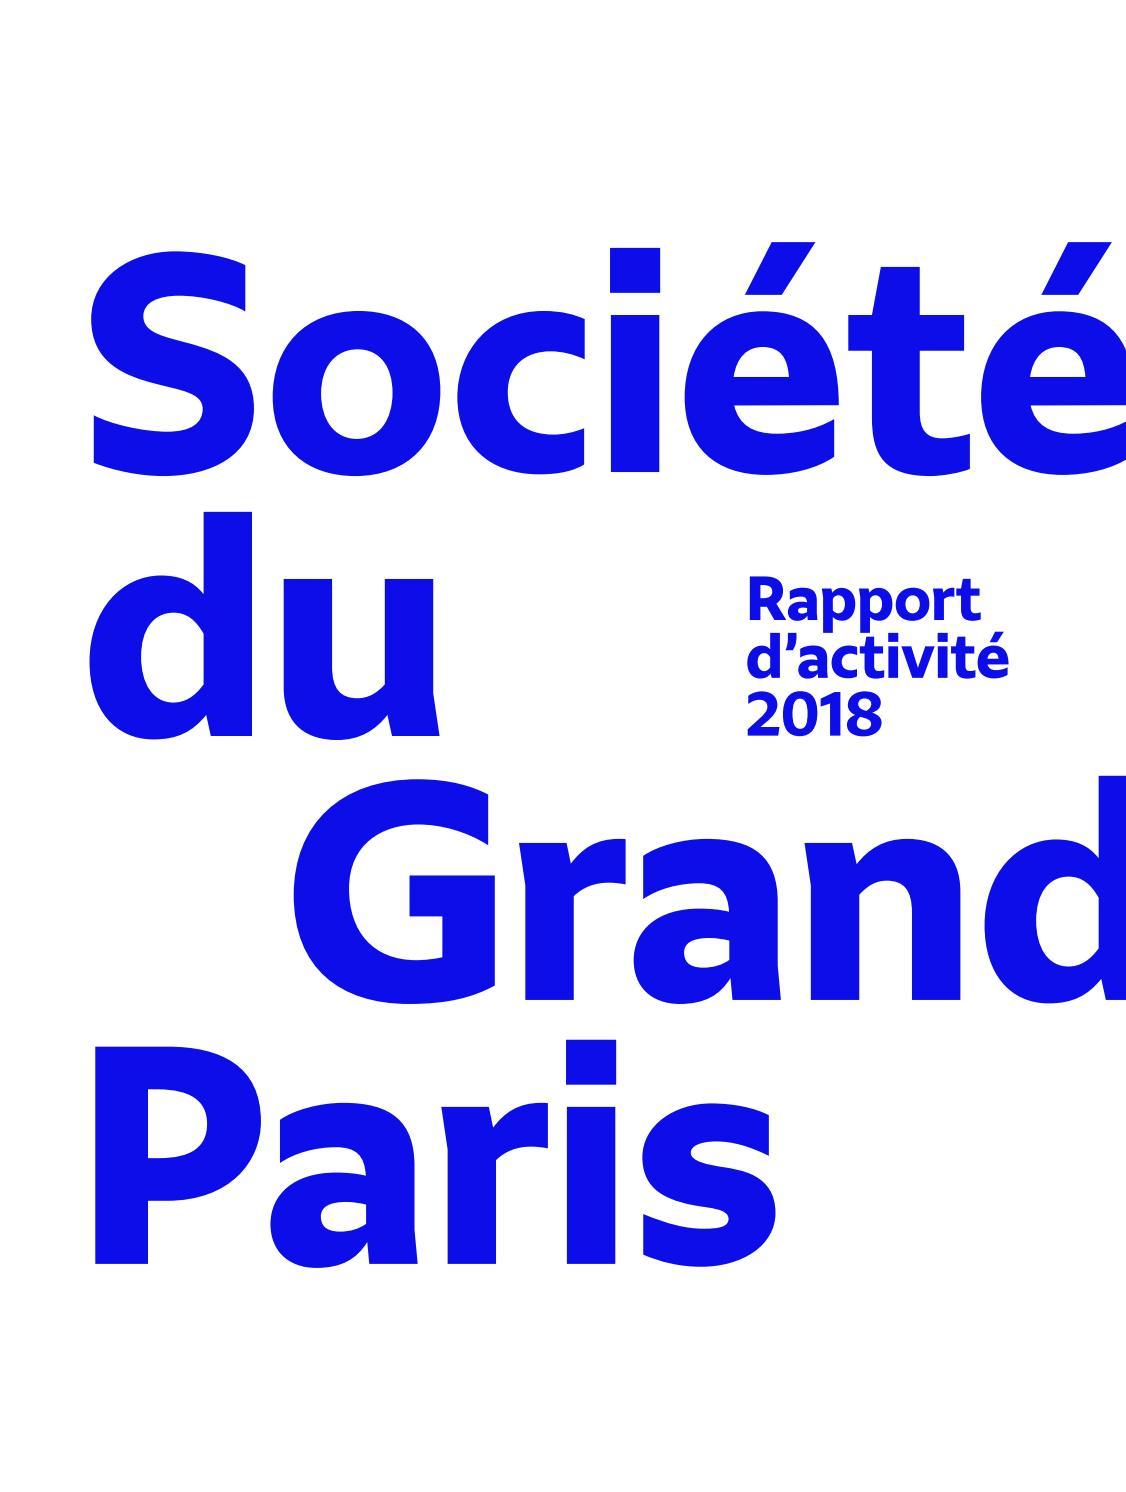 La Bonne Conduite Kremlin Bicetre société du grand paris - rapport d'activité 2018société